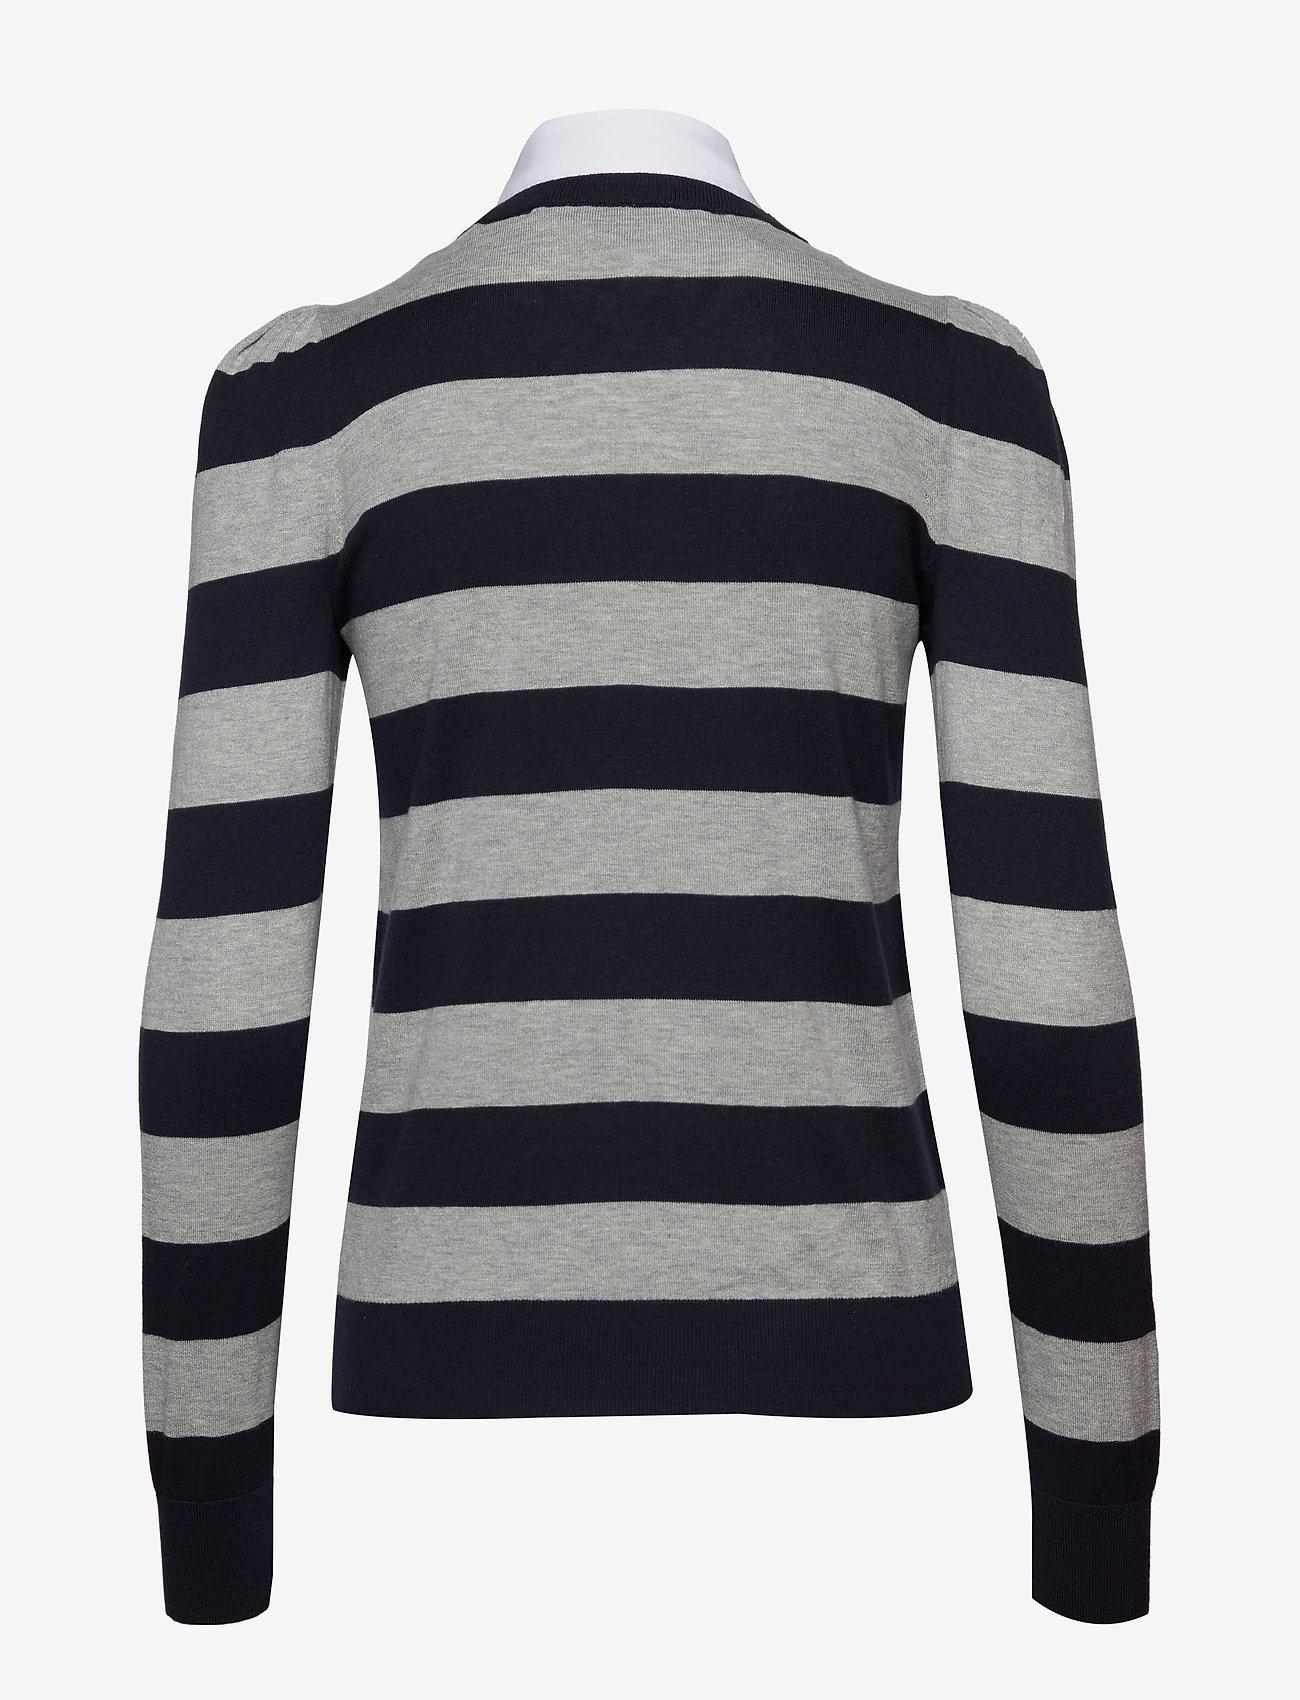 Collared Cotton Sweater (Lauren Navy/pearl) - Lauren Ralph Lauren kvOIJa